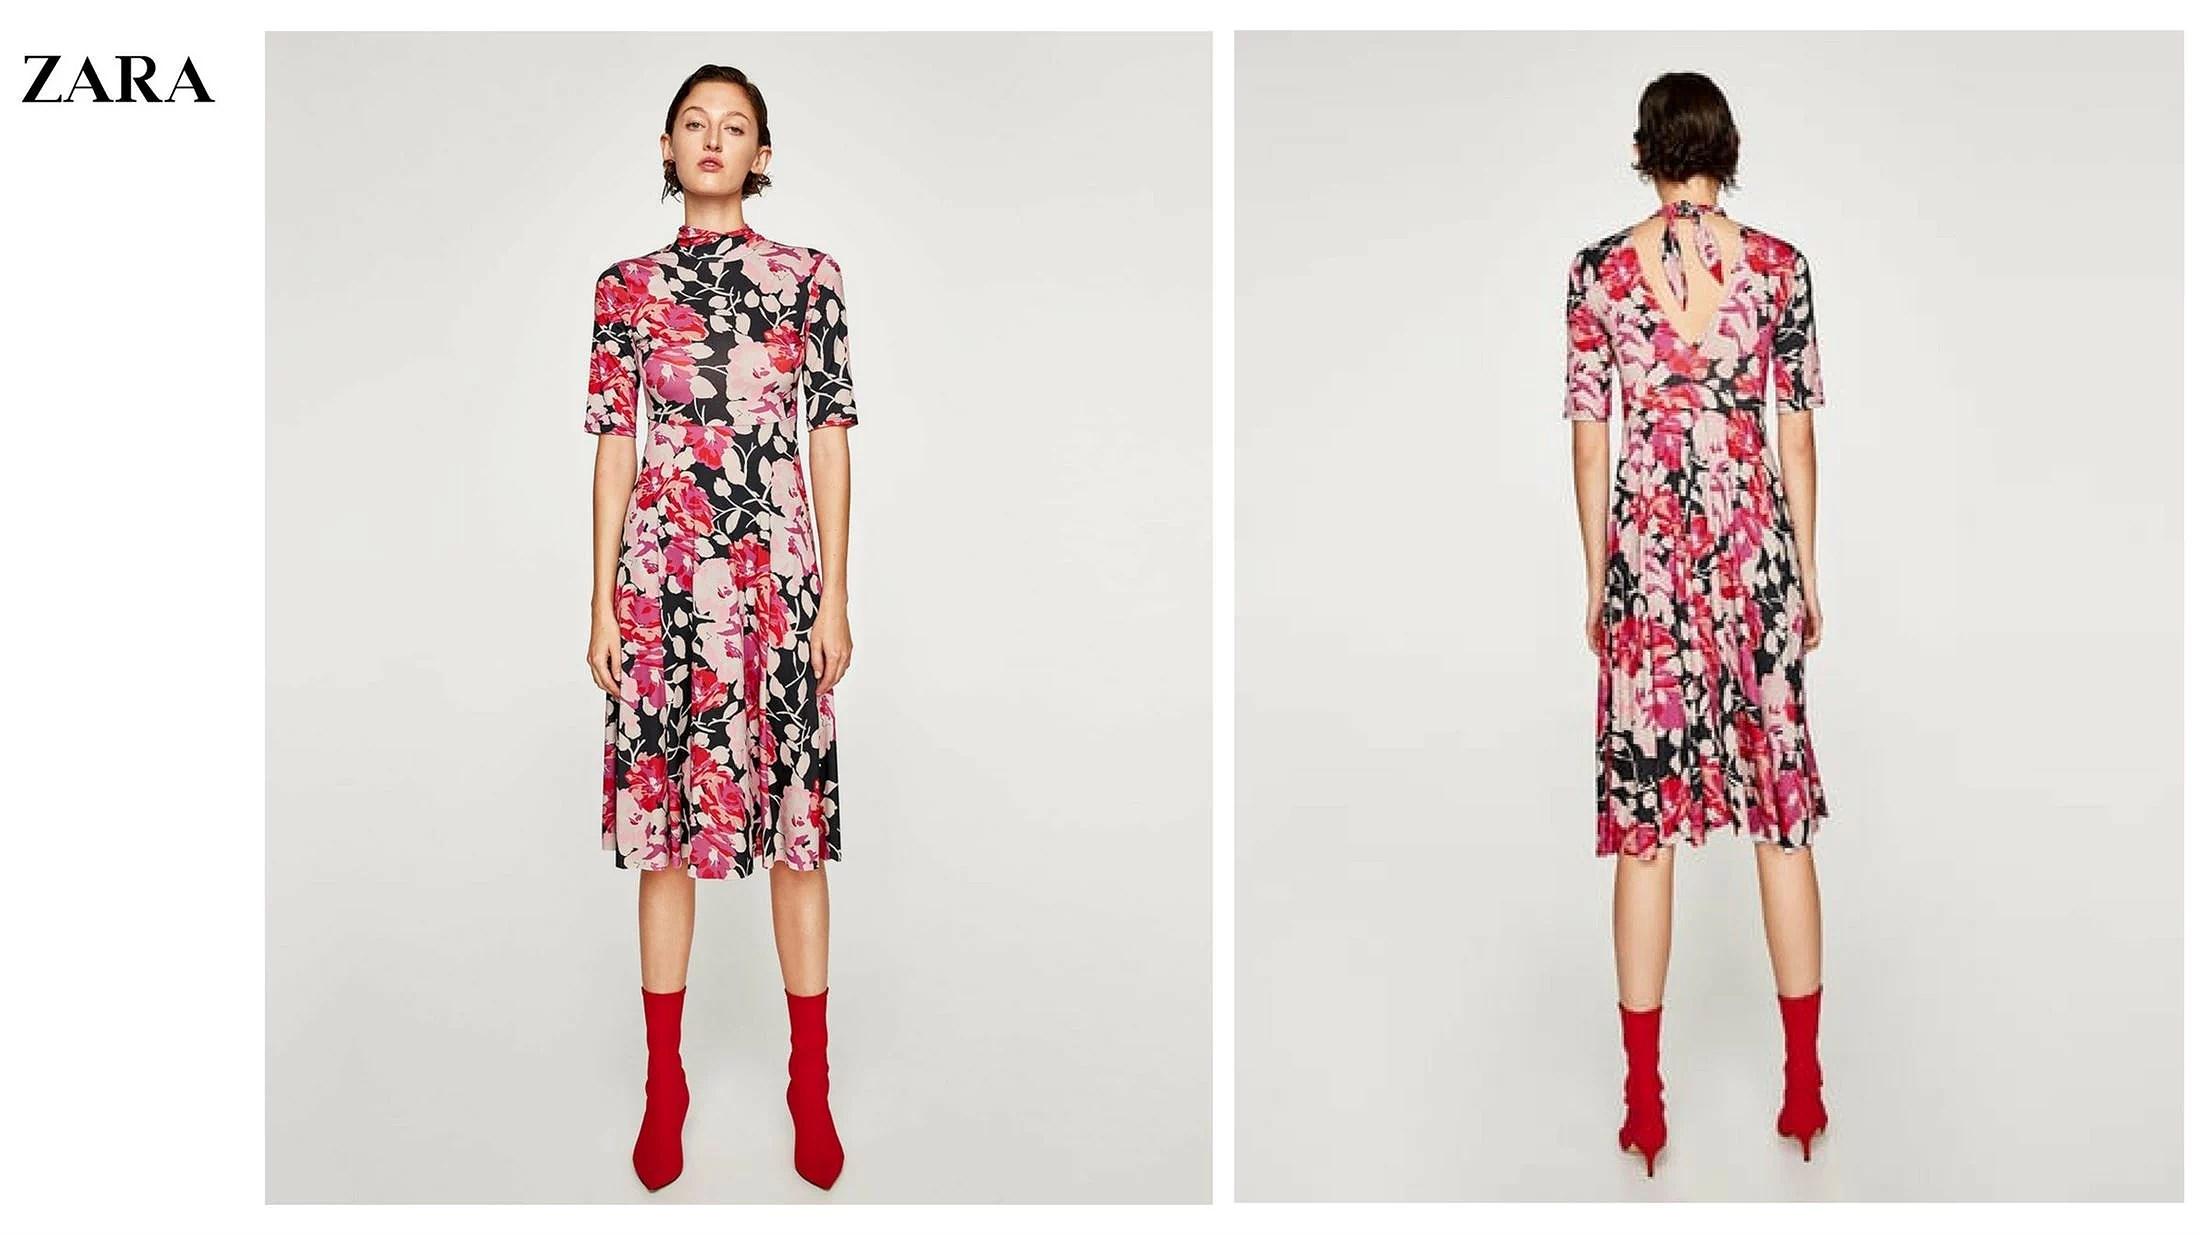 Vestido tendencia rebajas Zara